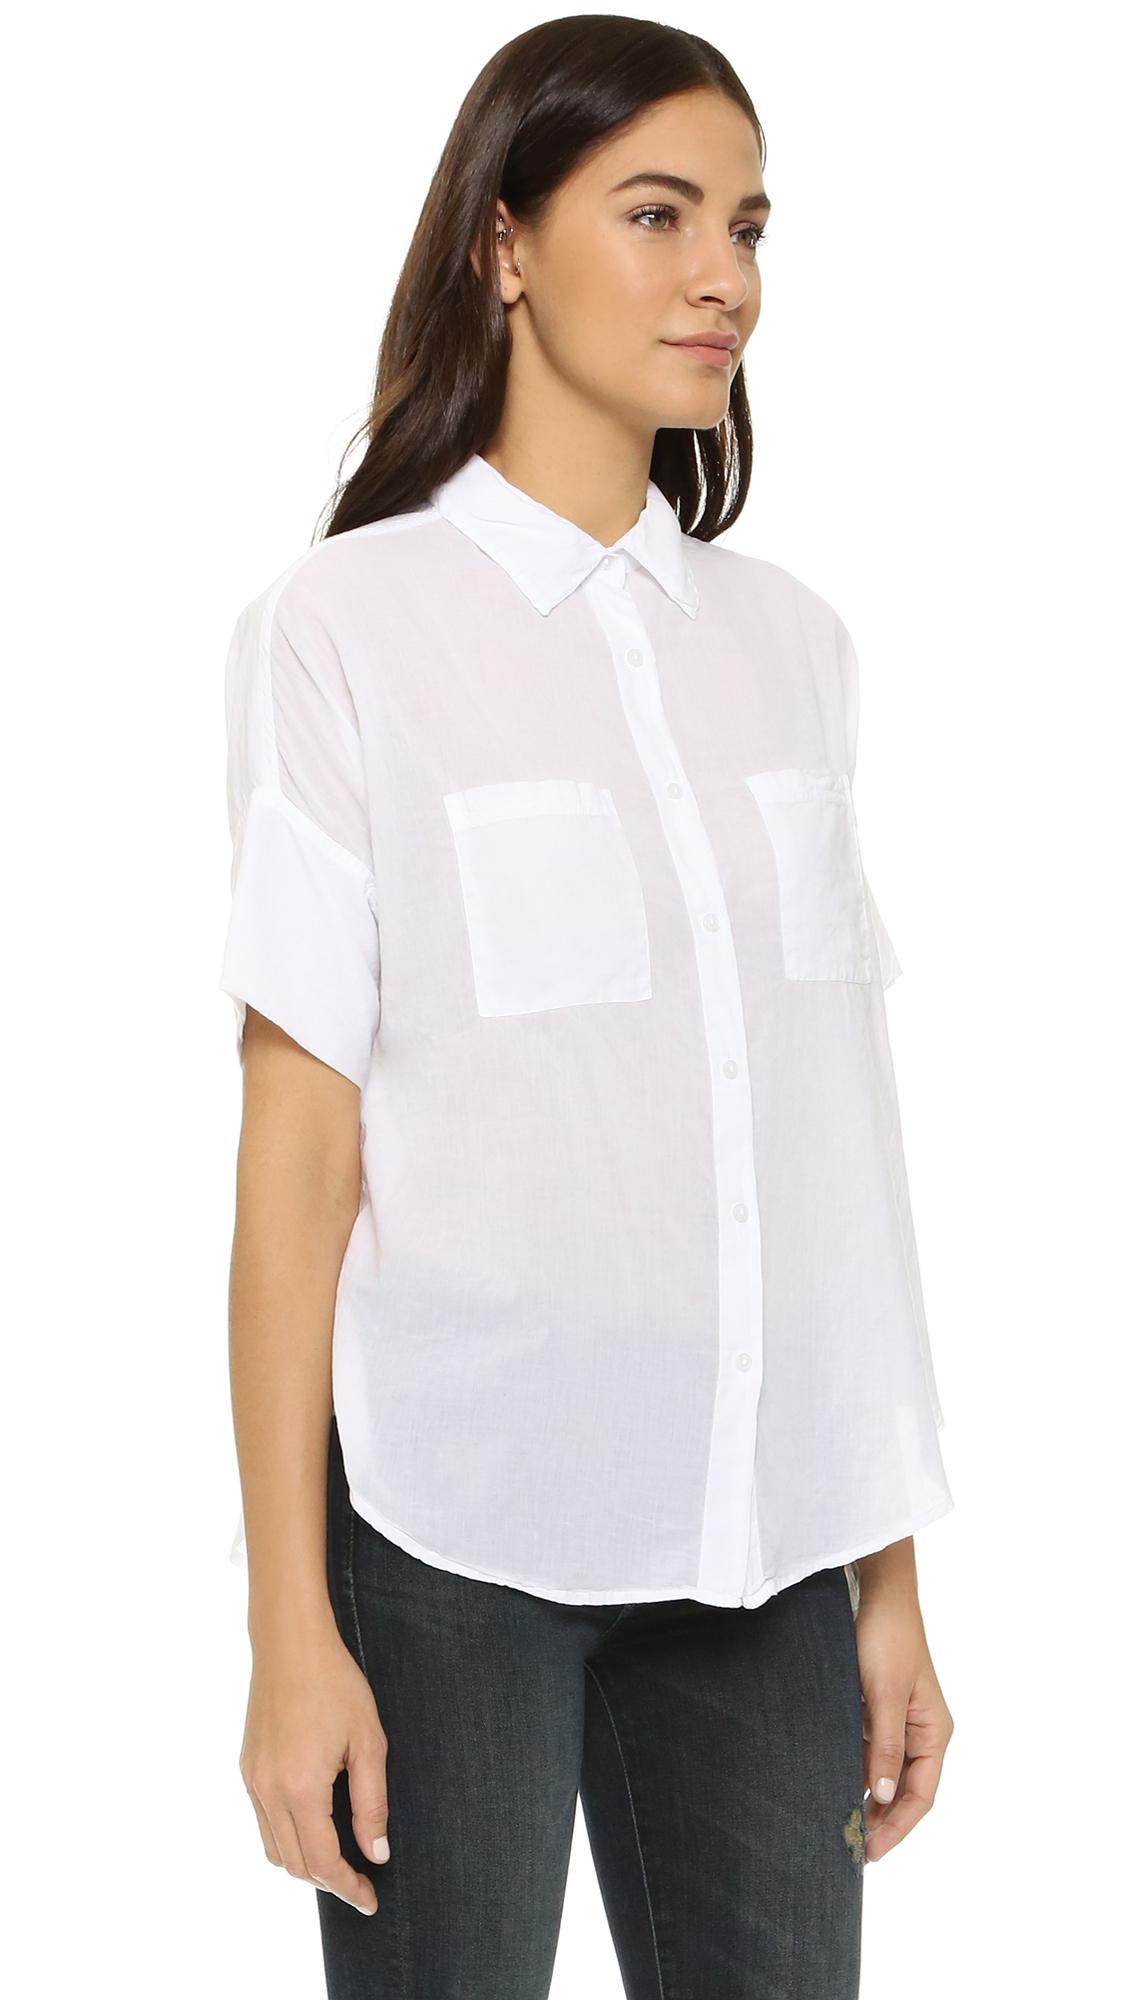 77d9b64325e Lyst - Sundry Short Sleeve Blouse in White